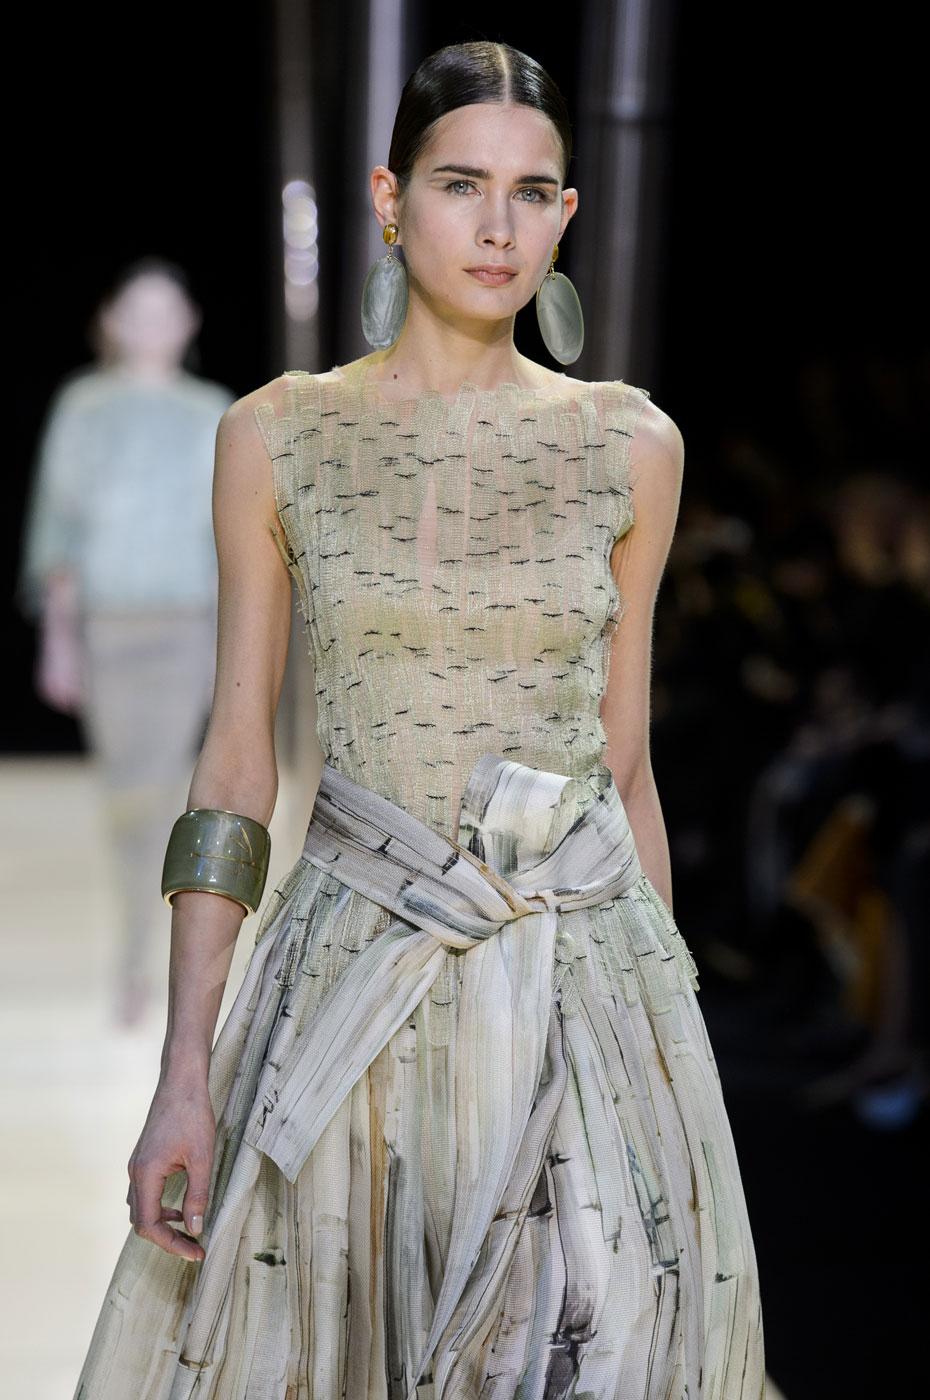 Giorgio-armani-Prive-fashion-runway-show-haute-couture-paris-spring-2015-the-impression-040